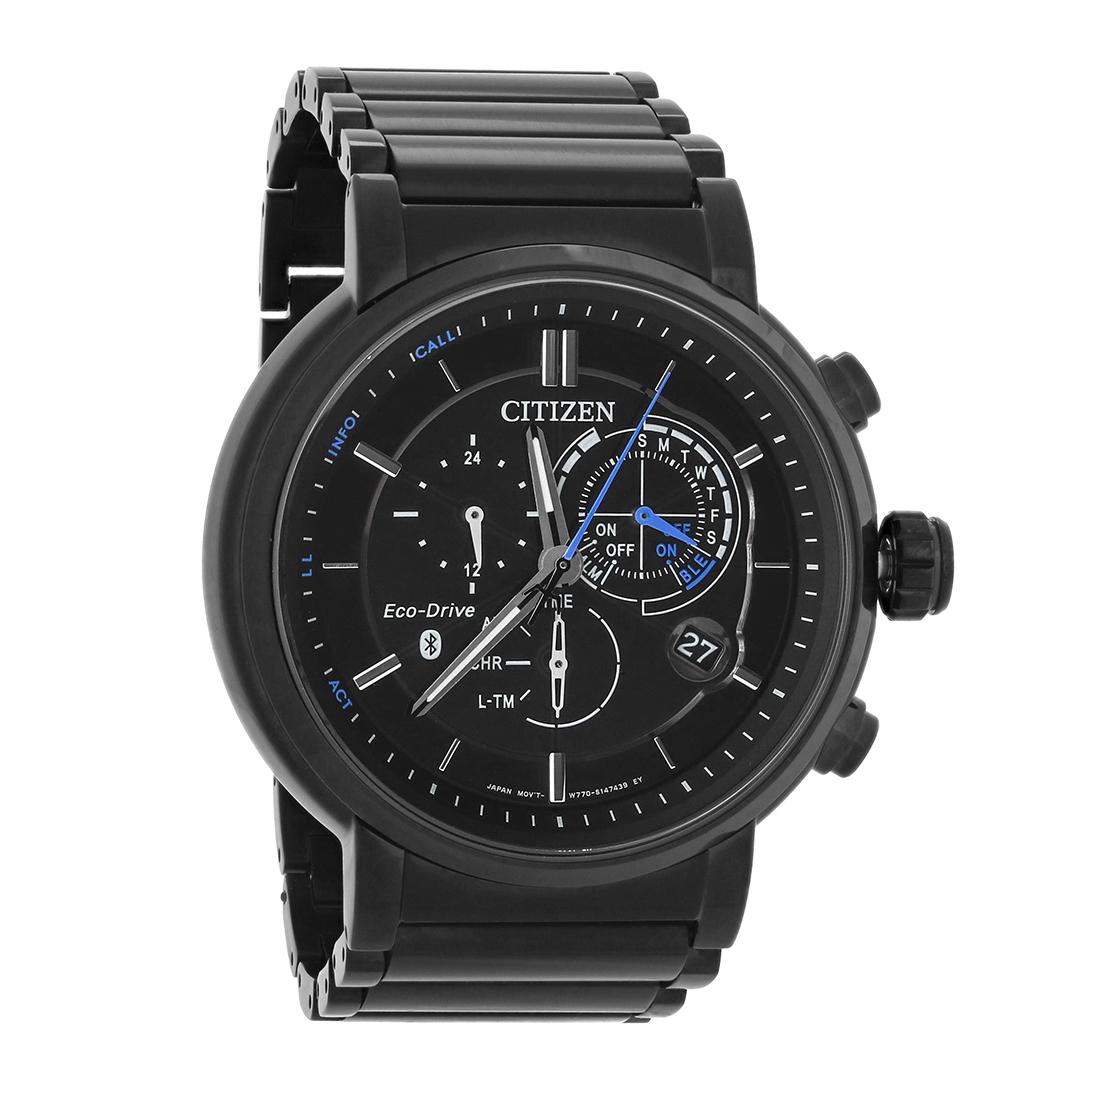 Citizen Eco Drive Proximity Chronograph Mens BZ1005-51E Smart Watch ... 815c1e4a14